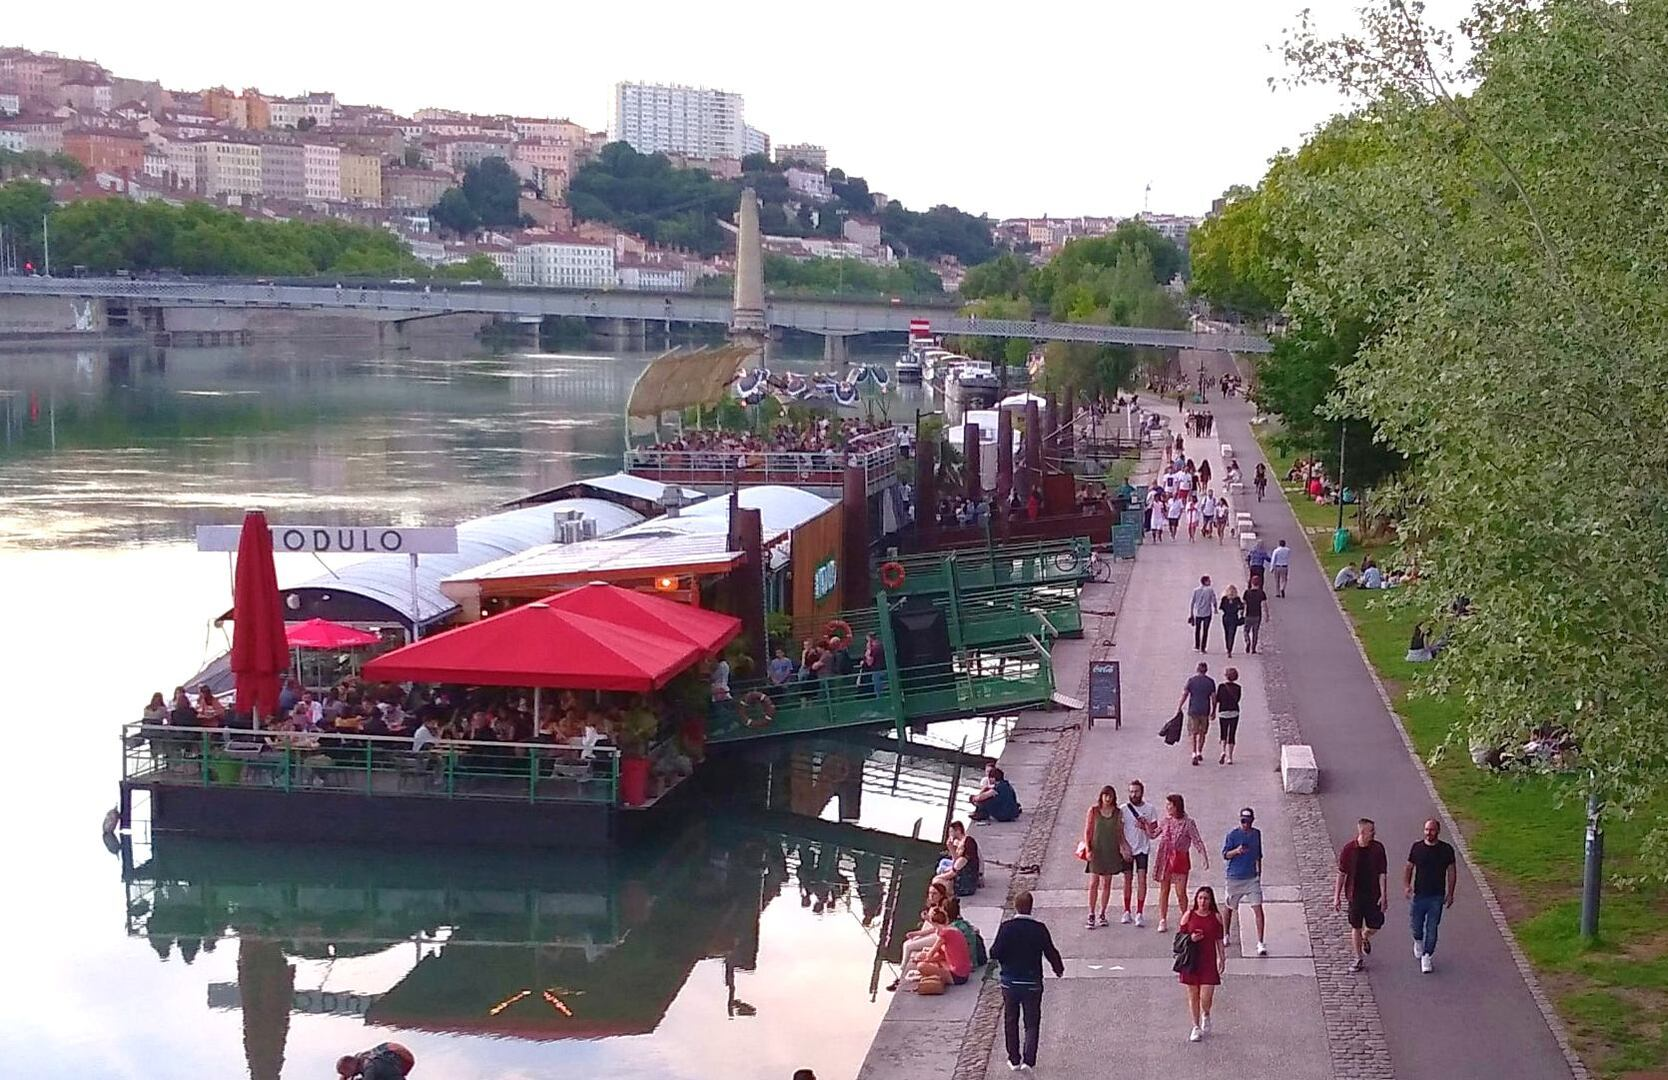 فرنسا تشدد القيود على الحياة العامة في مدينة ليون بسبب انتشار كورونا